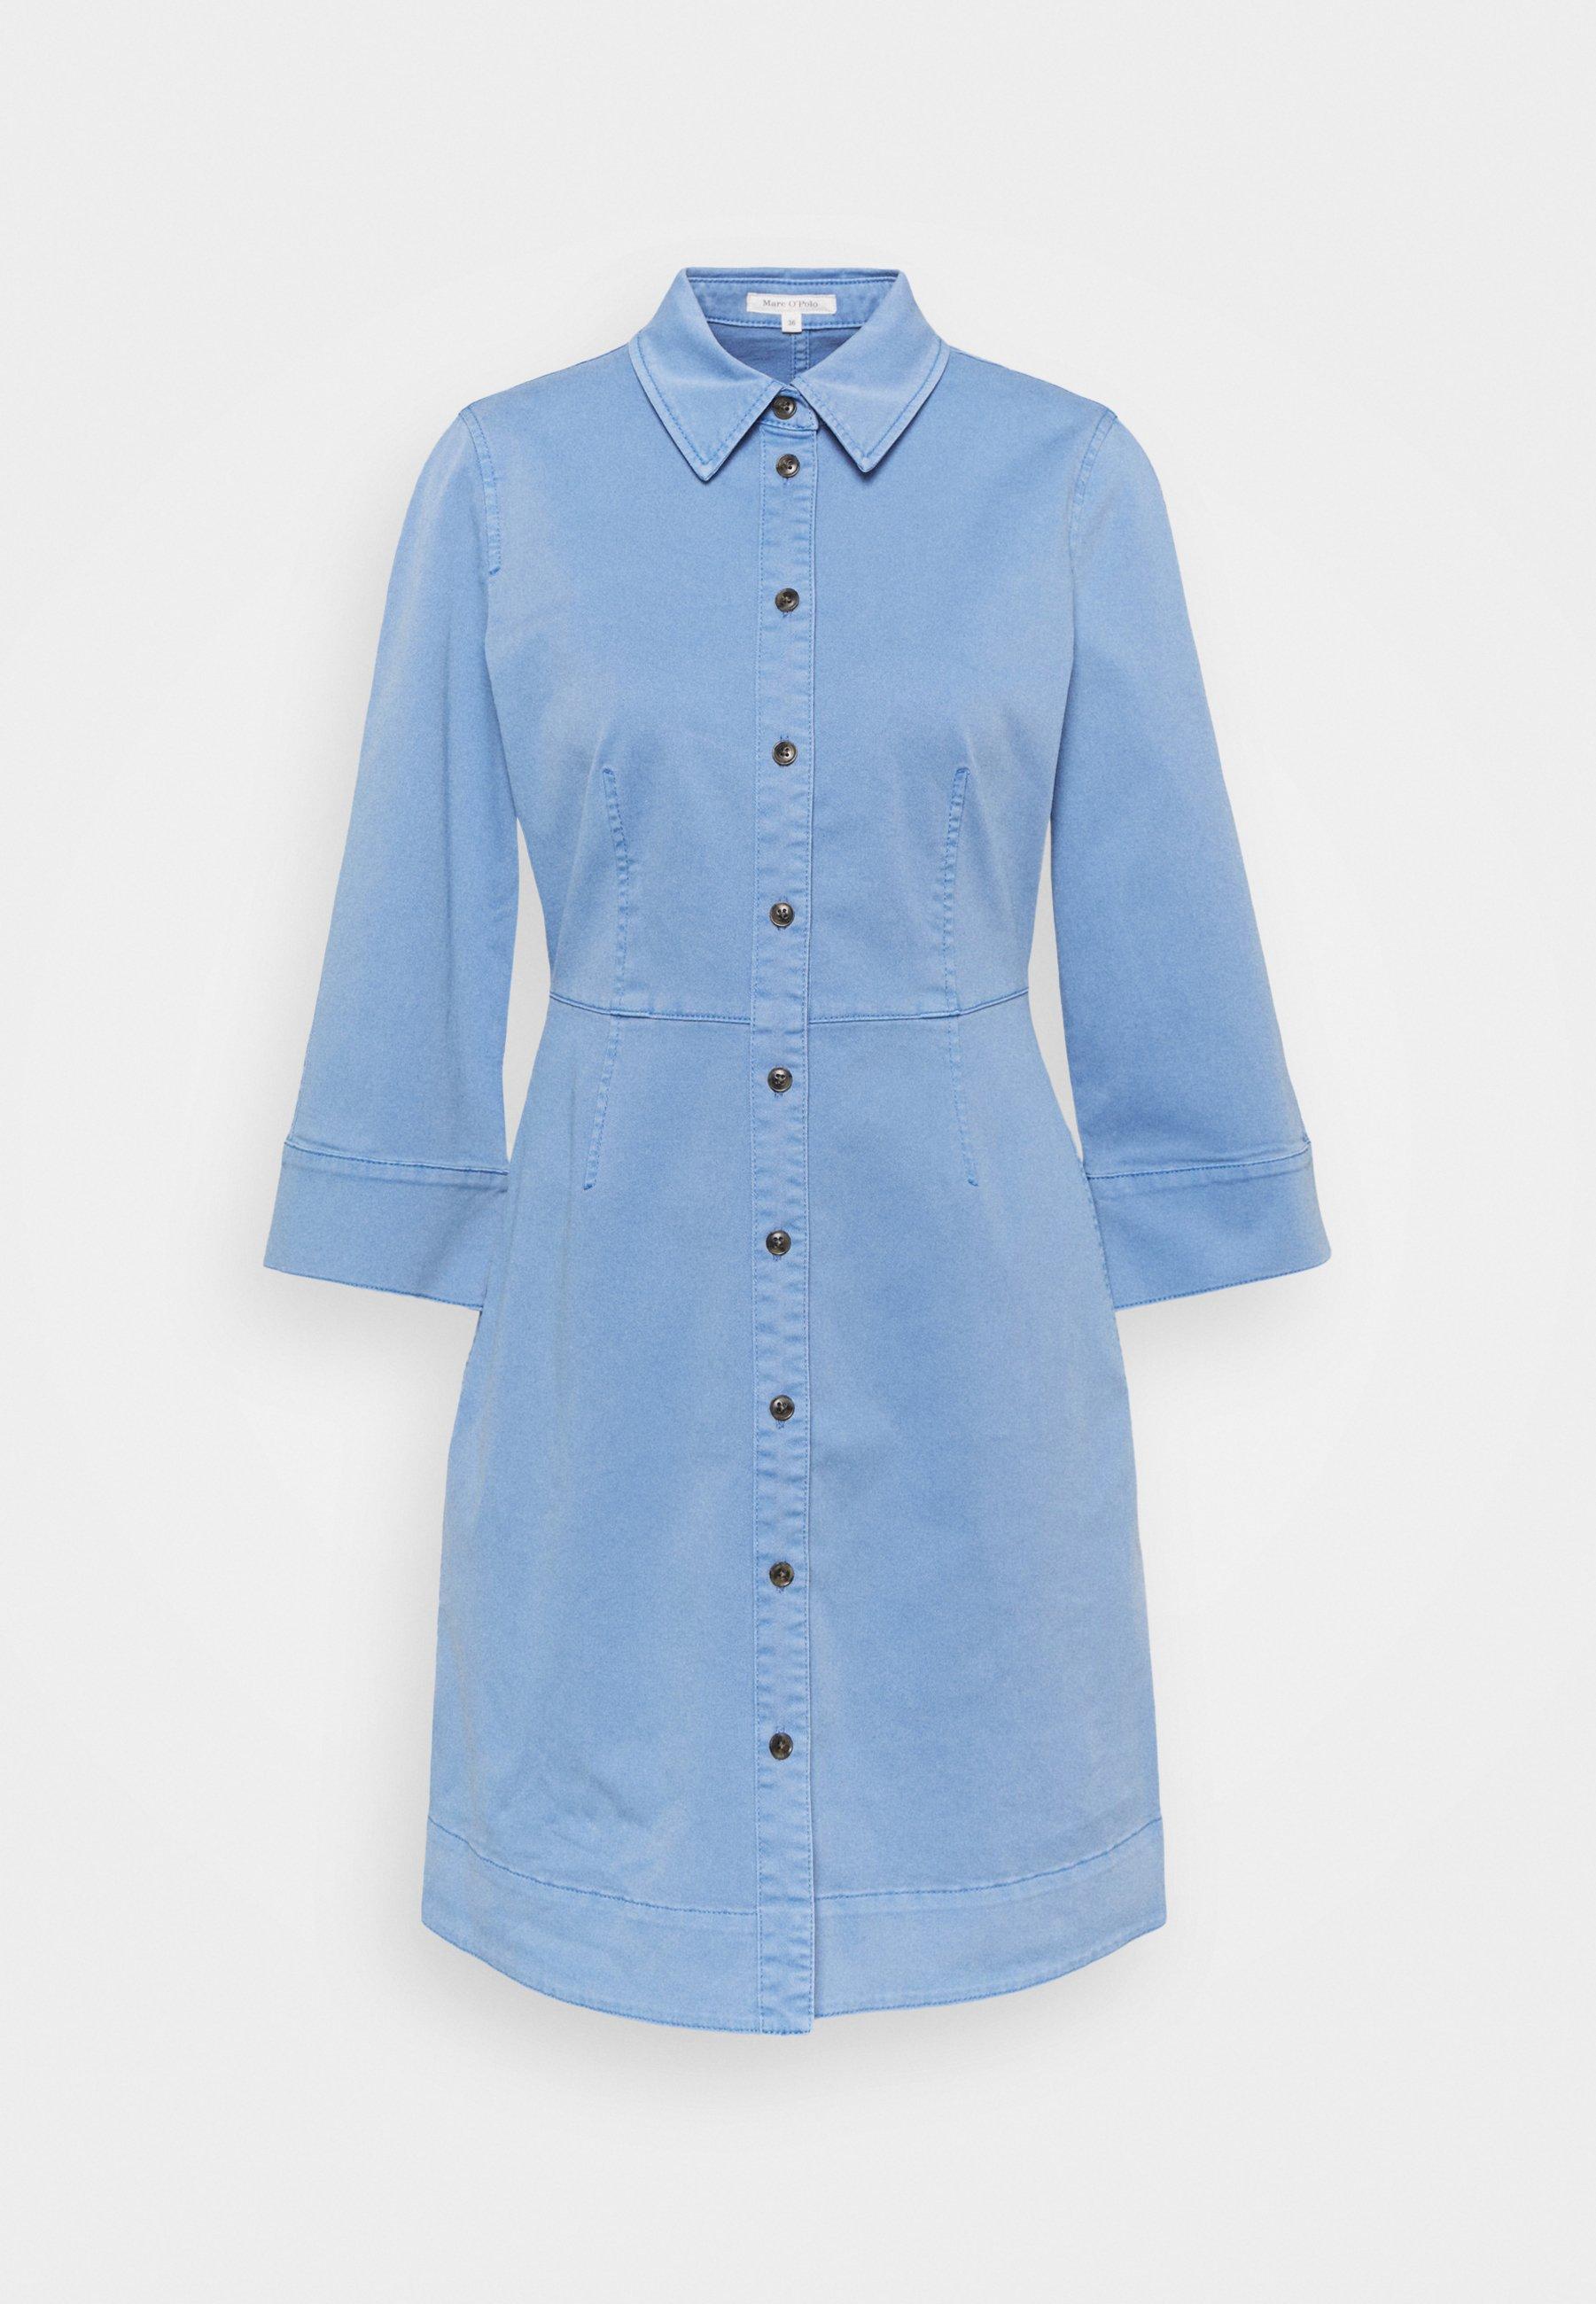 Women DRESS SHORT SHIRT STYLE,BUTTON PLACKET ROUNDED HEMLINE - Shirt dress